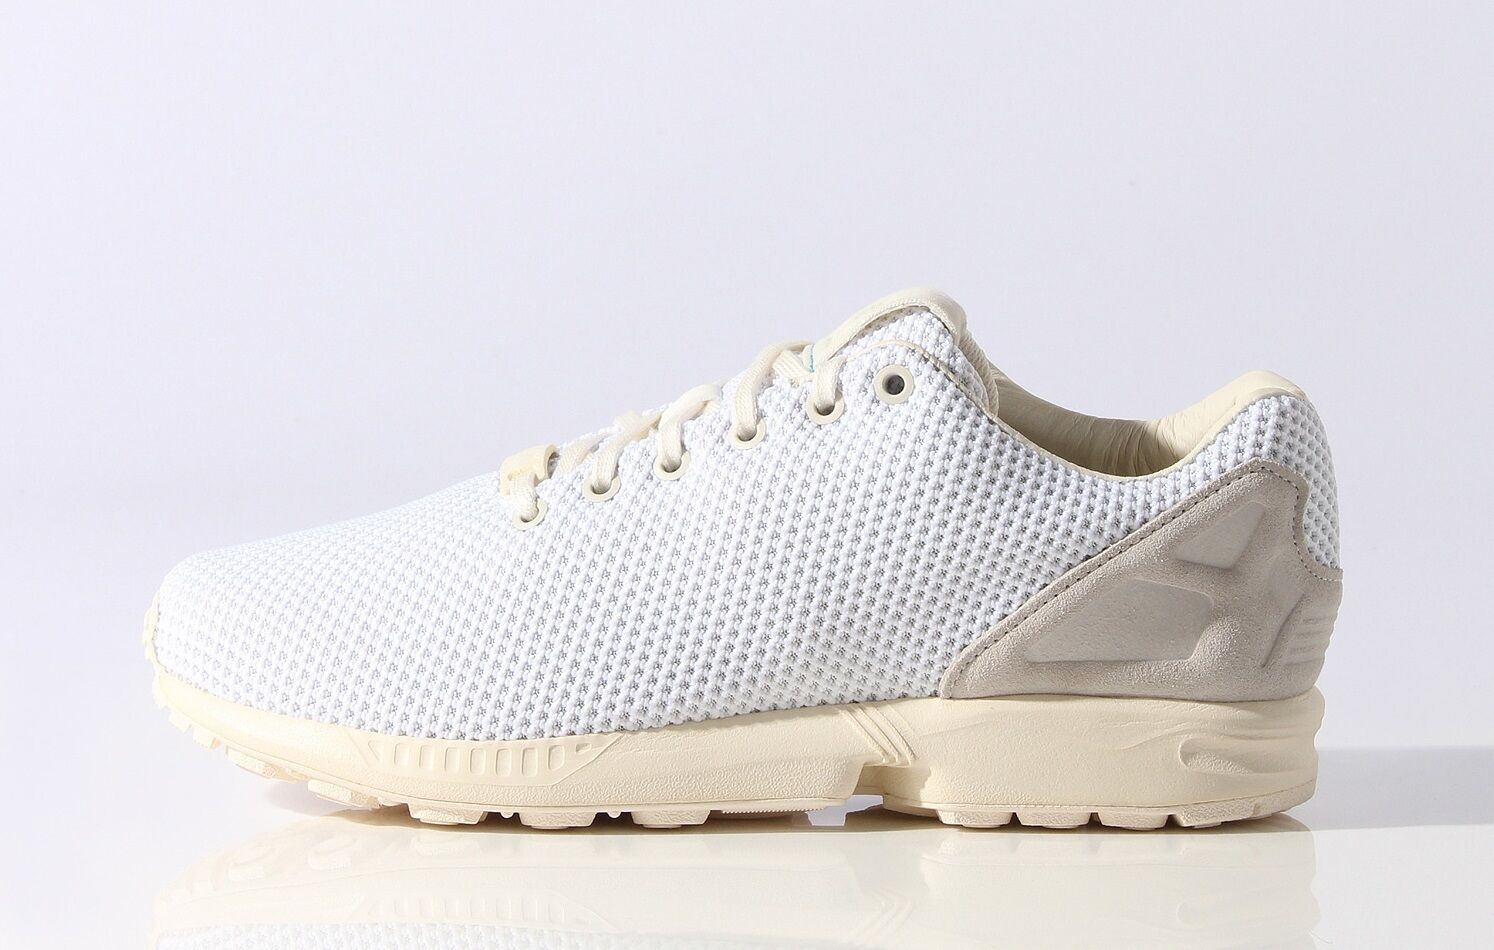 Adidas Originals ZX Flux White Textile Men's Trainers shoes UK 7.5_8.5_9